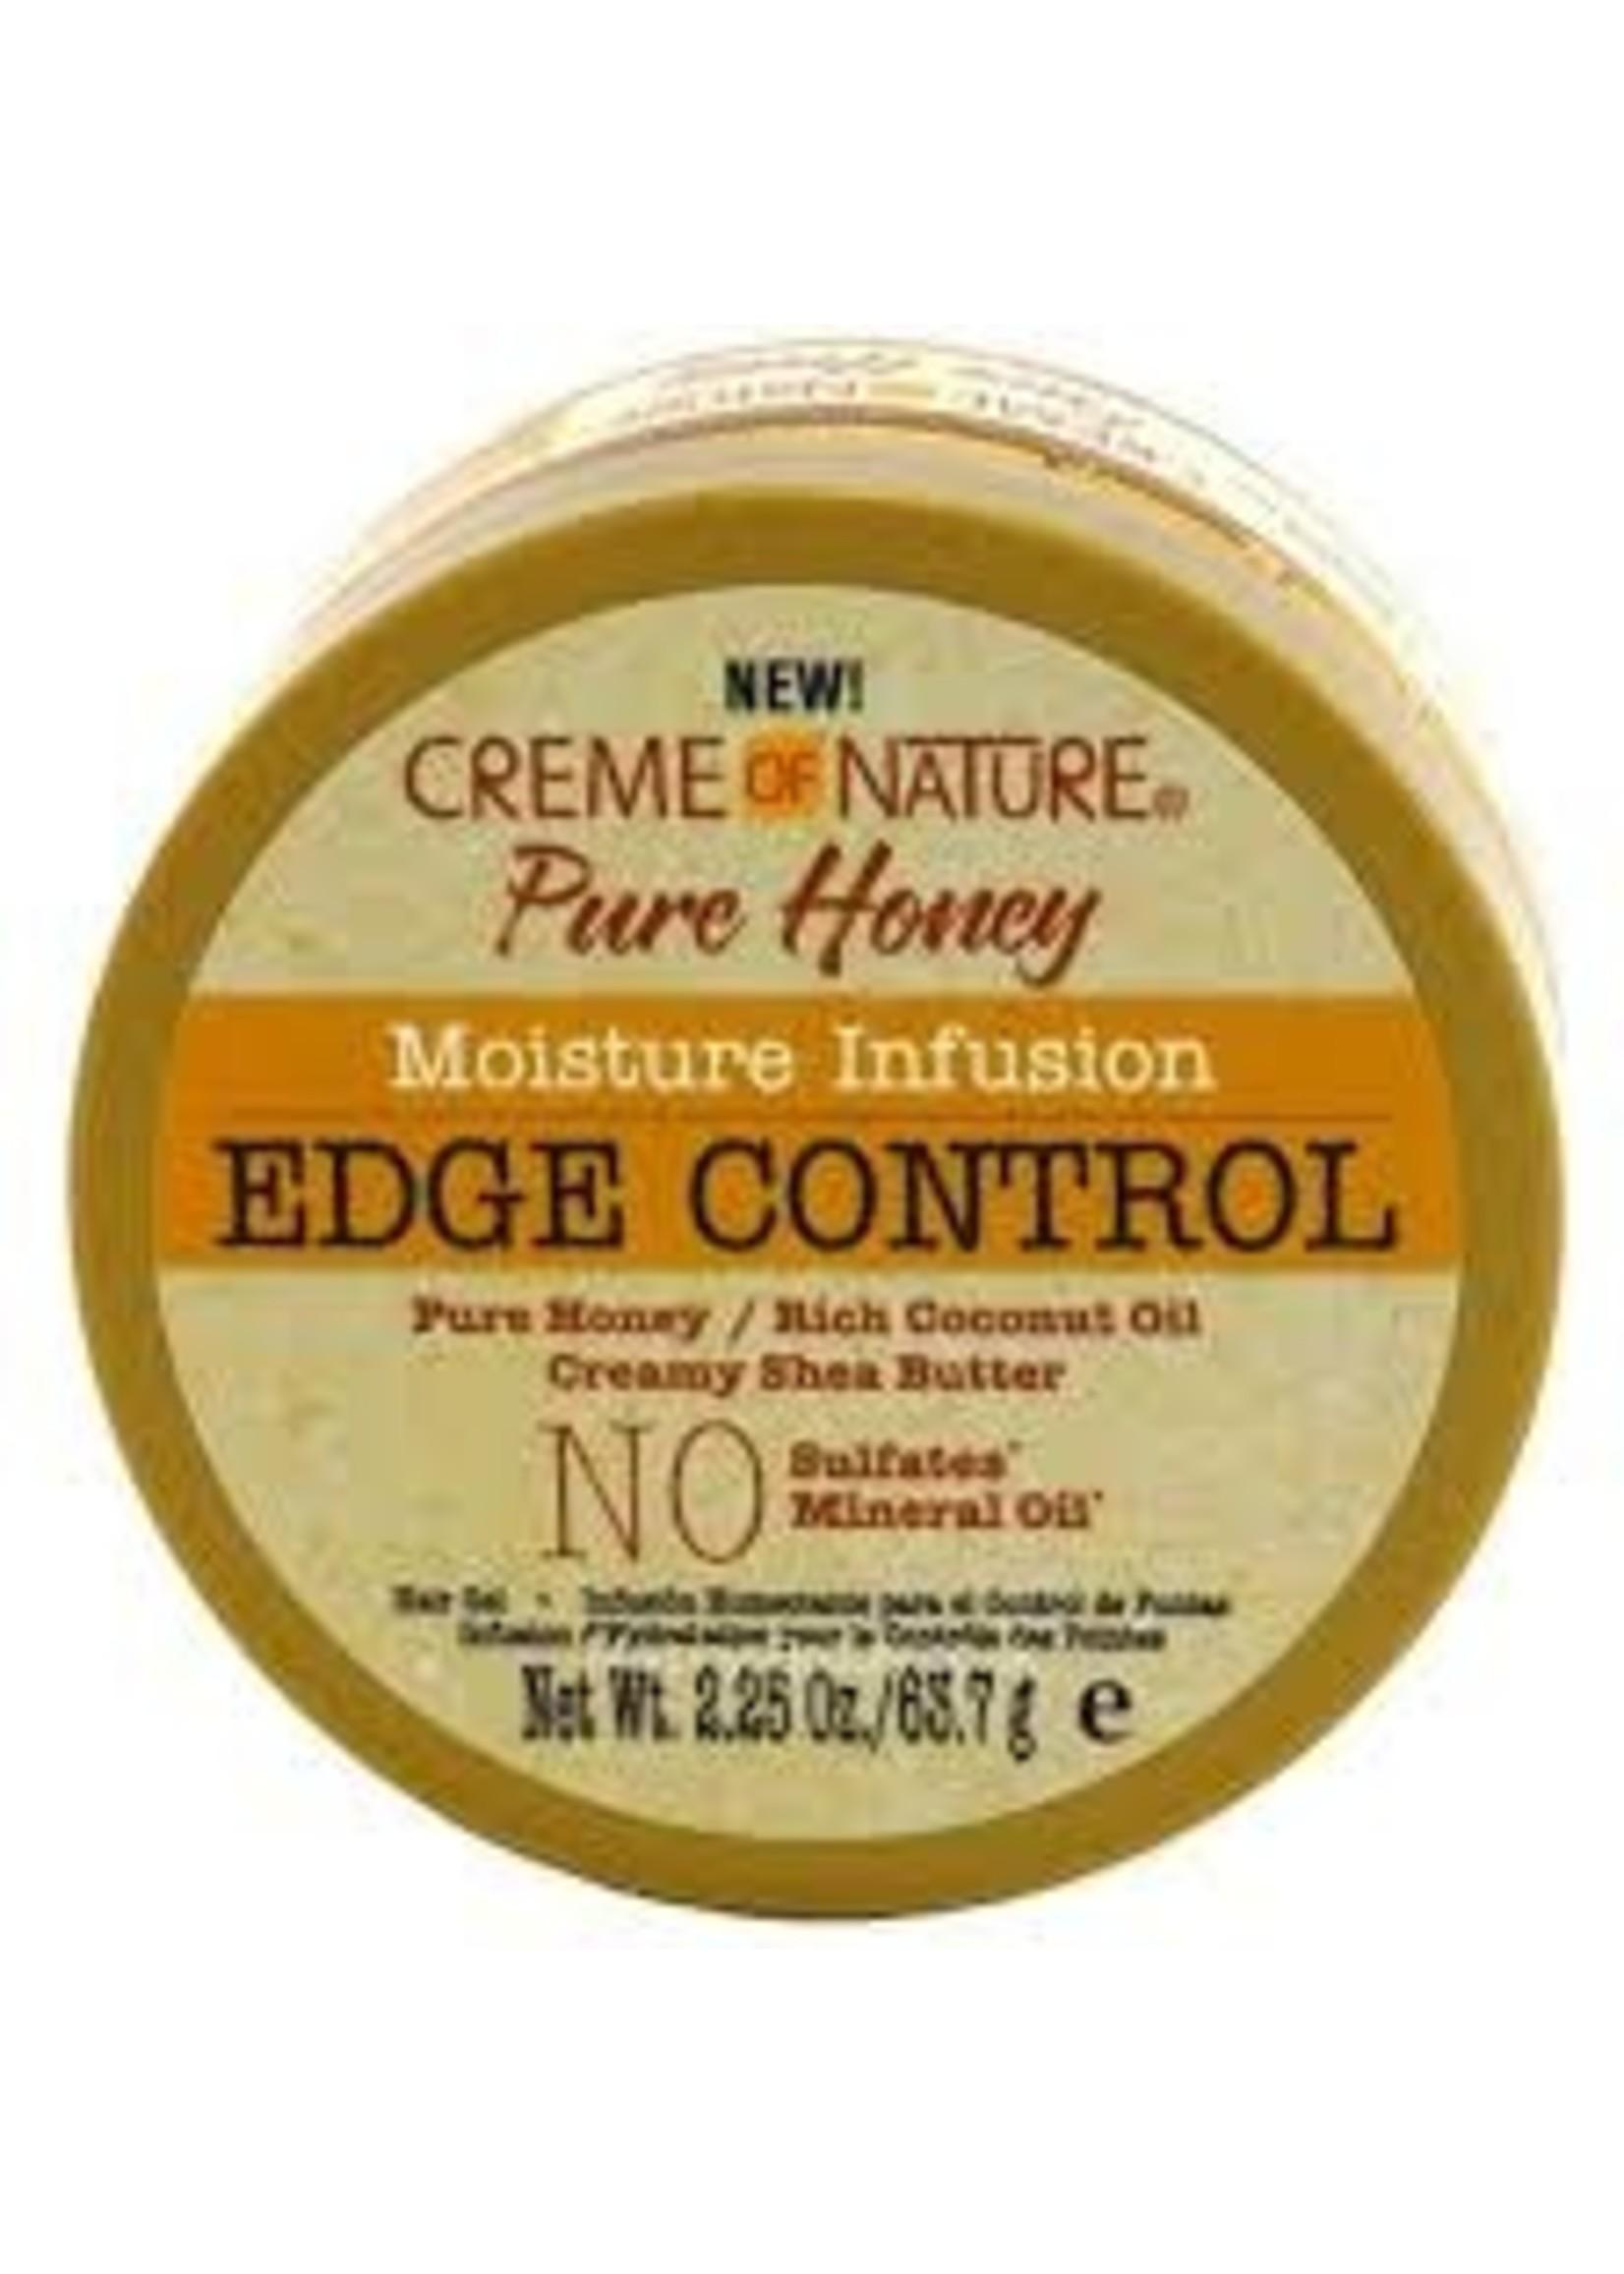 Cream of Nature Honey Edges